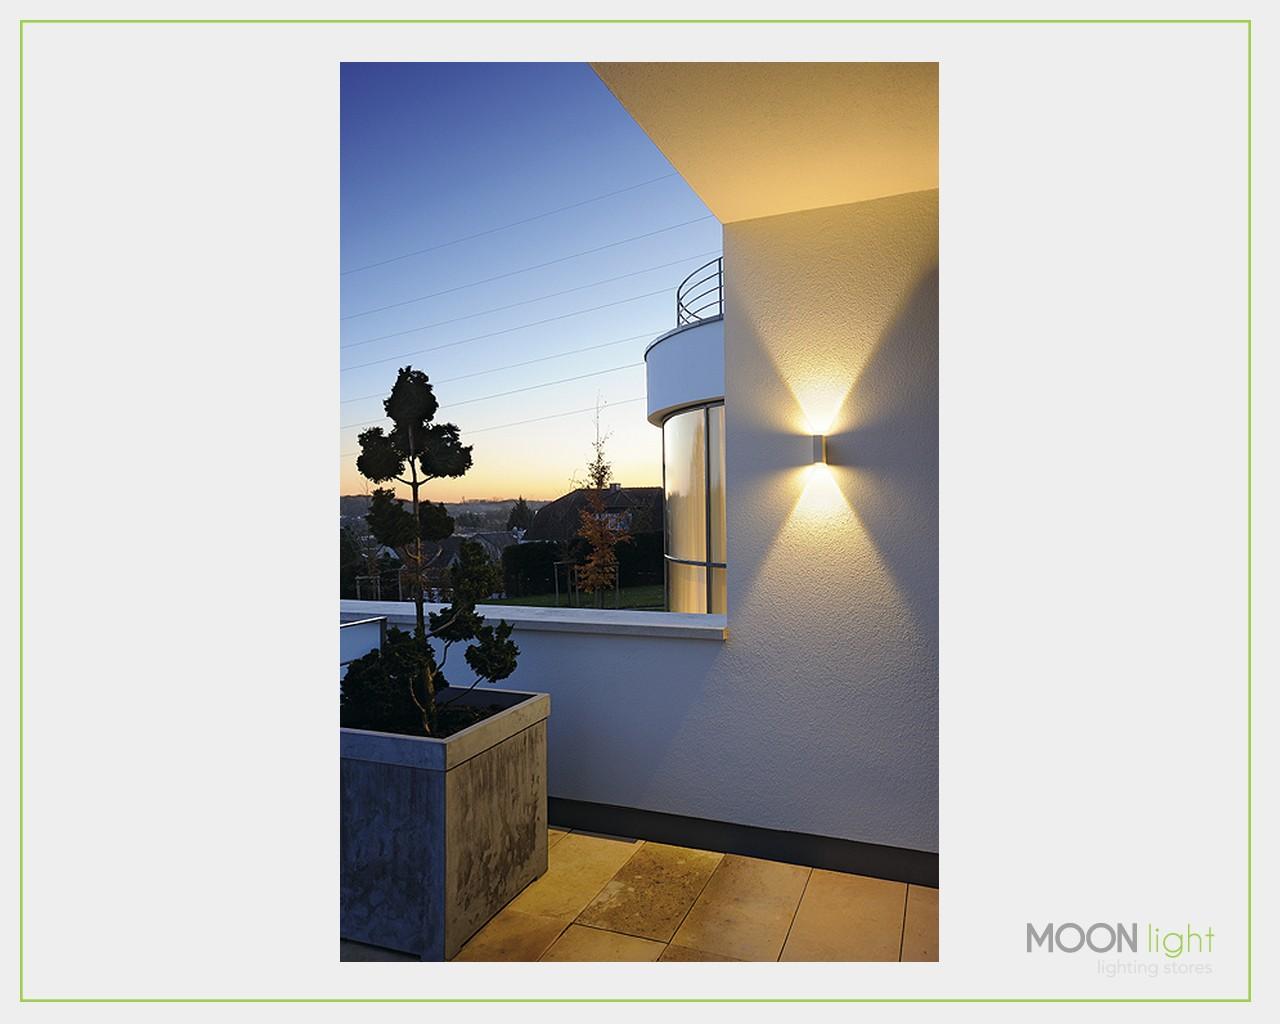 Lampada libro led esterno bianco for Illuminazione led casa esterno